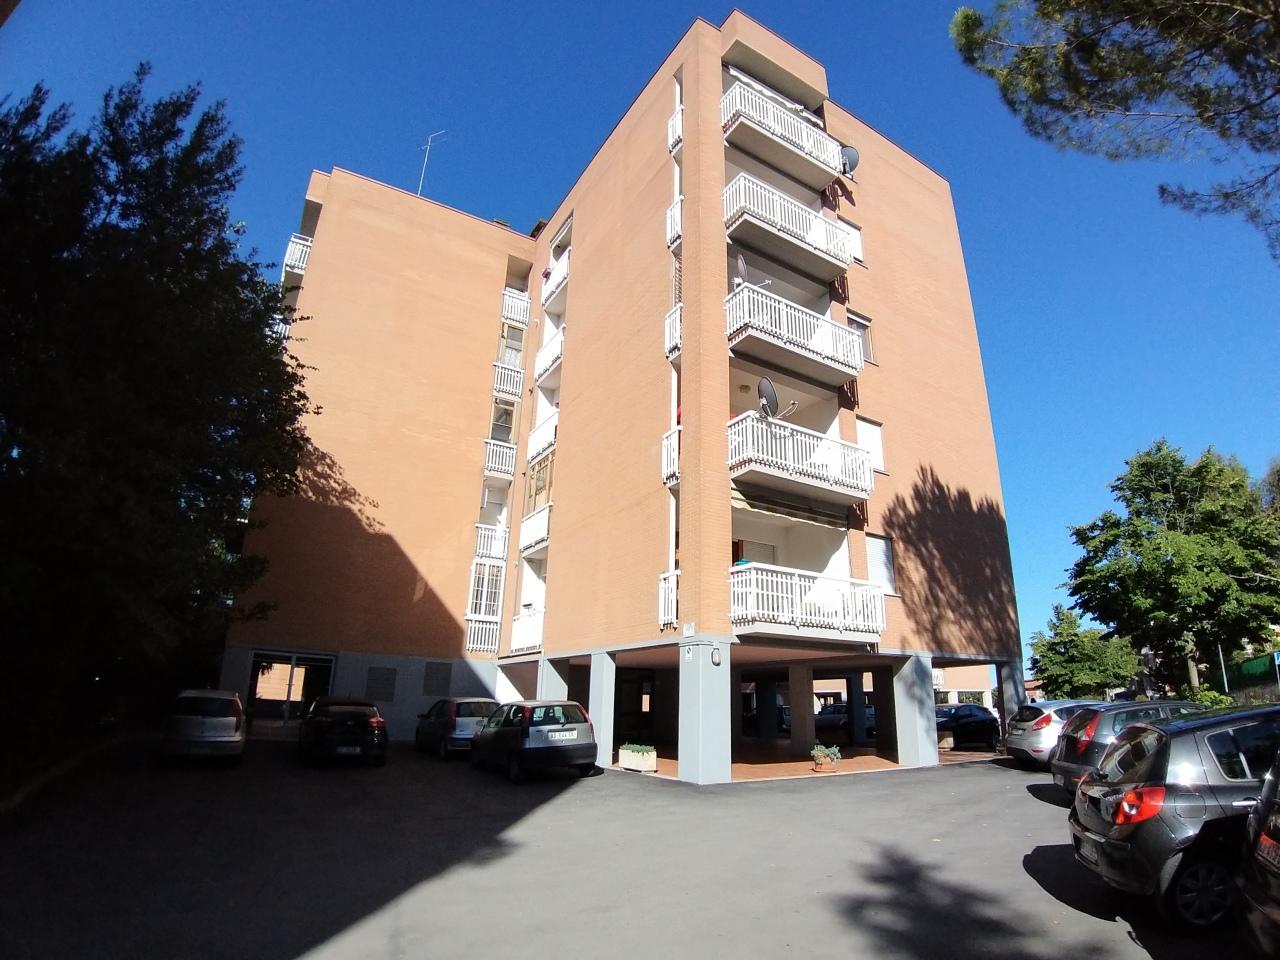 Appartamento in vendita a Corciano, 4 locali, prezzo € 90.000 | PortaleAgenzieImmobiliari.it